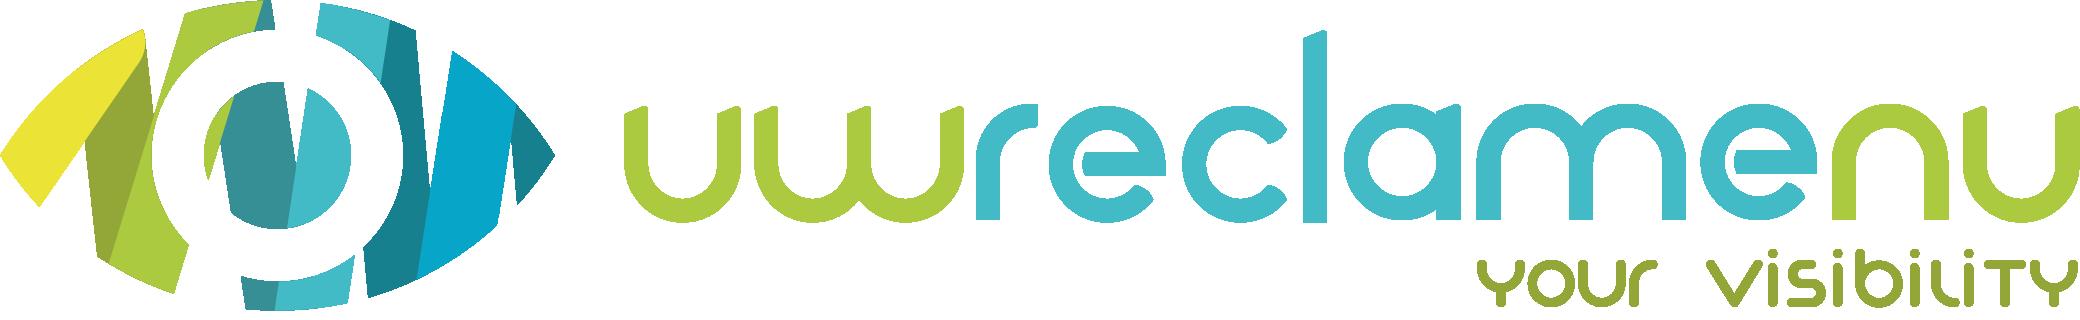 UwReclameNu Webshop